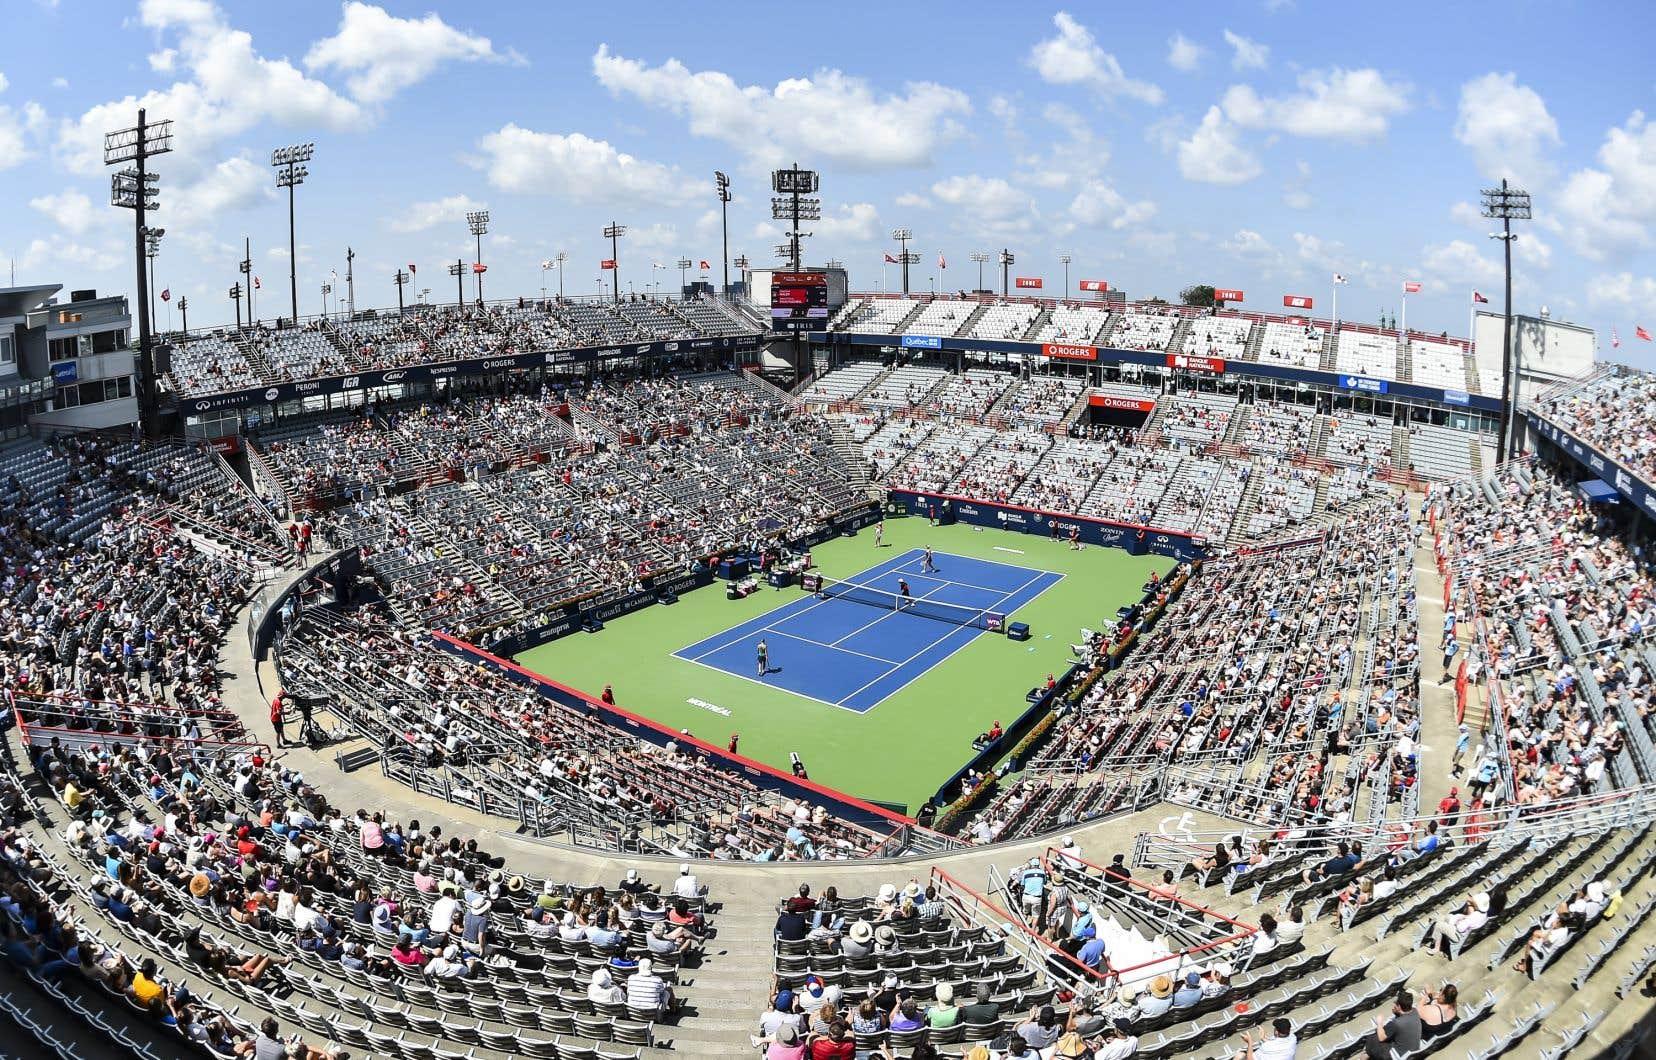 «Quel est l'effet structurant de ce toit servant au sport professionnel — encore faut-il qu'il pleuve — sur la pratique du tennis à Montréal et au Canada, la mission première de Tennis Canada?», se demande l'auteur.